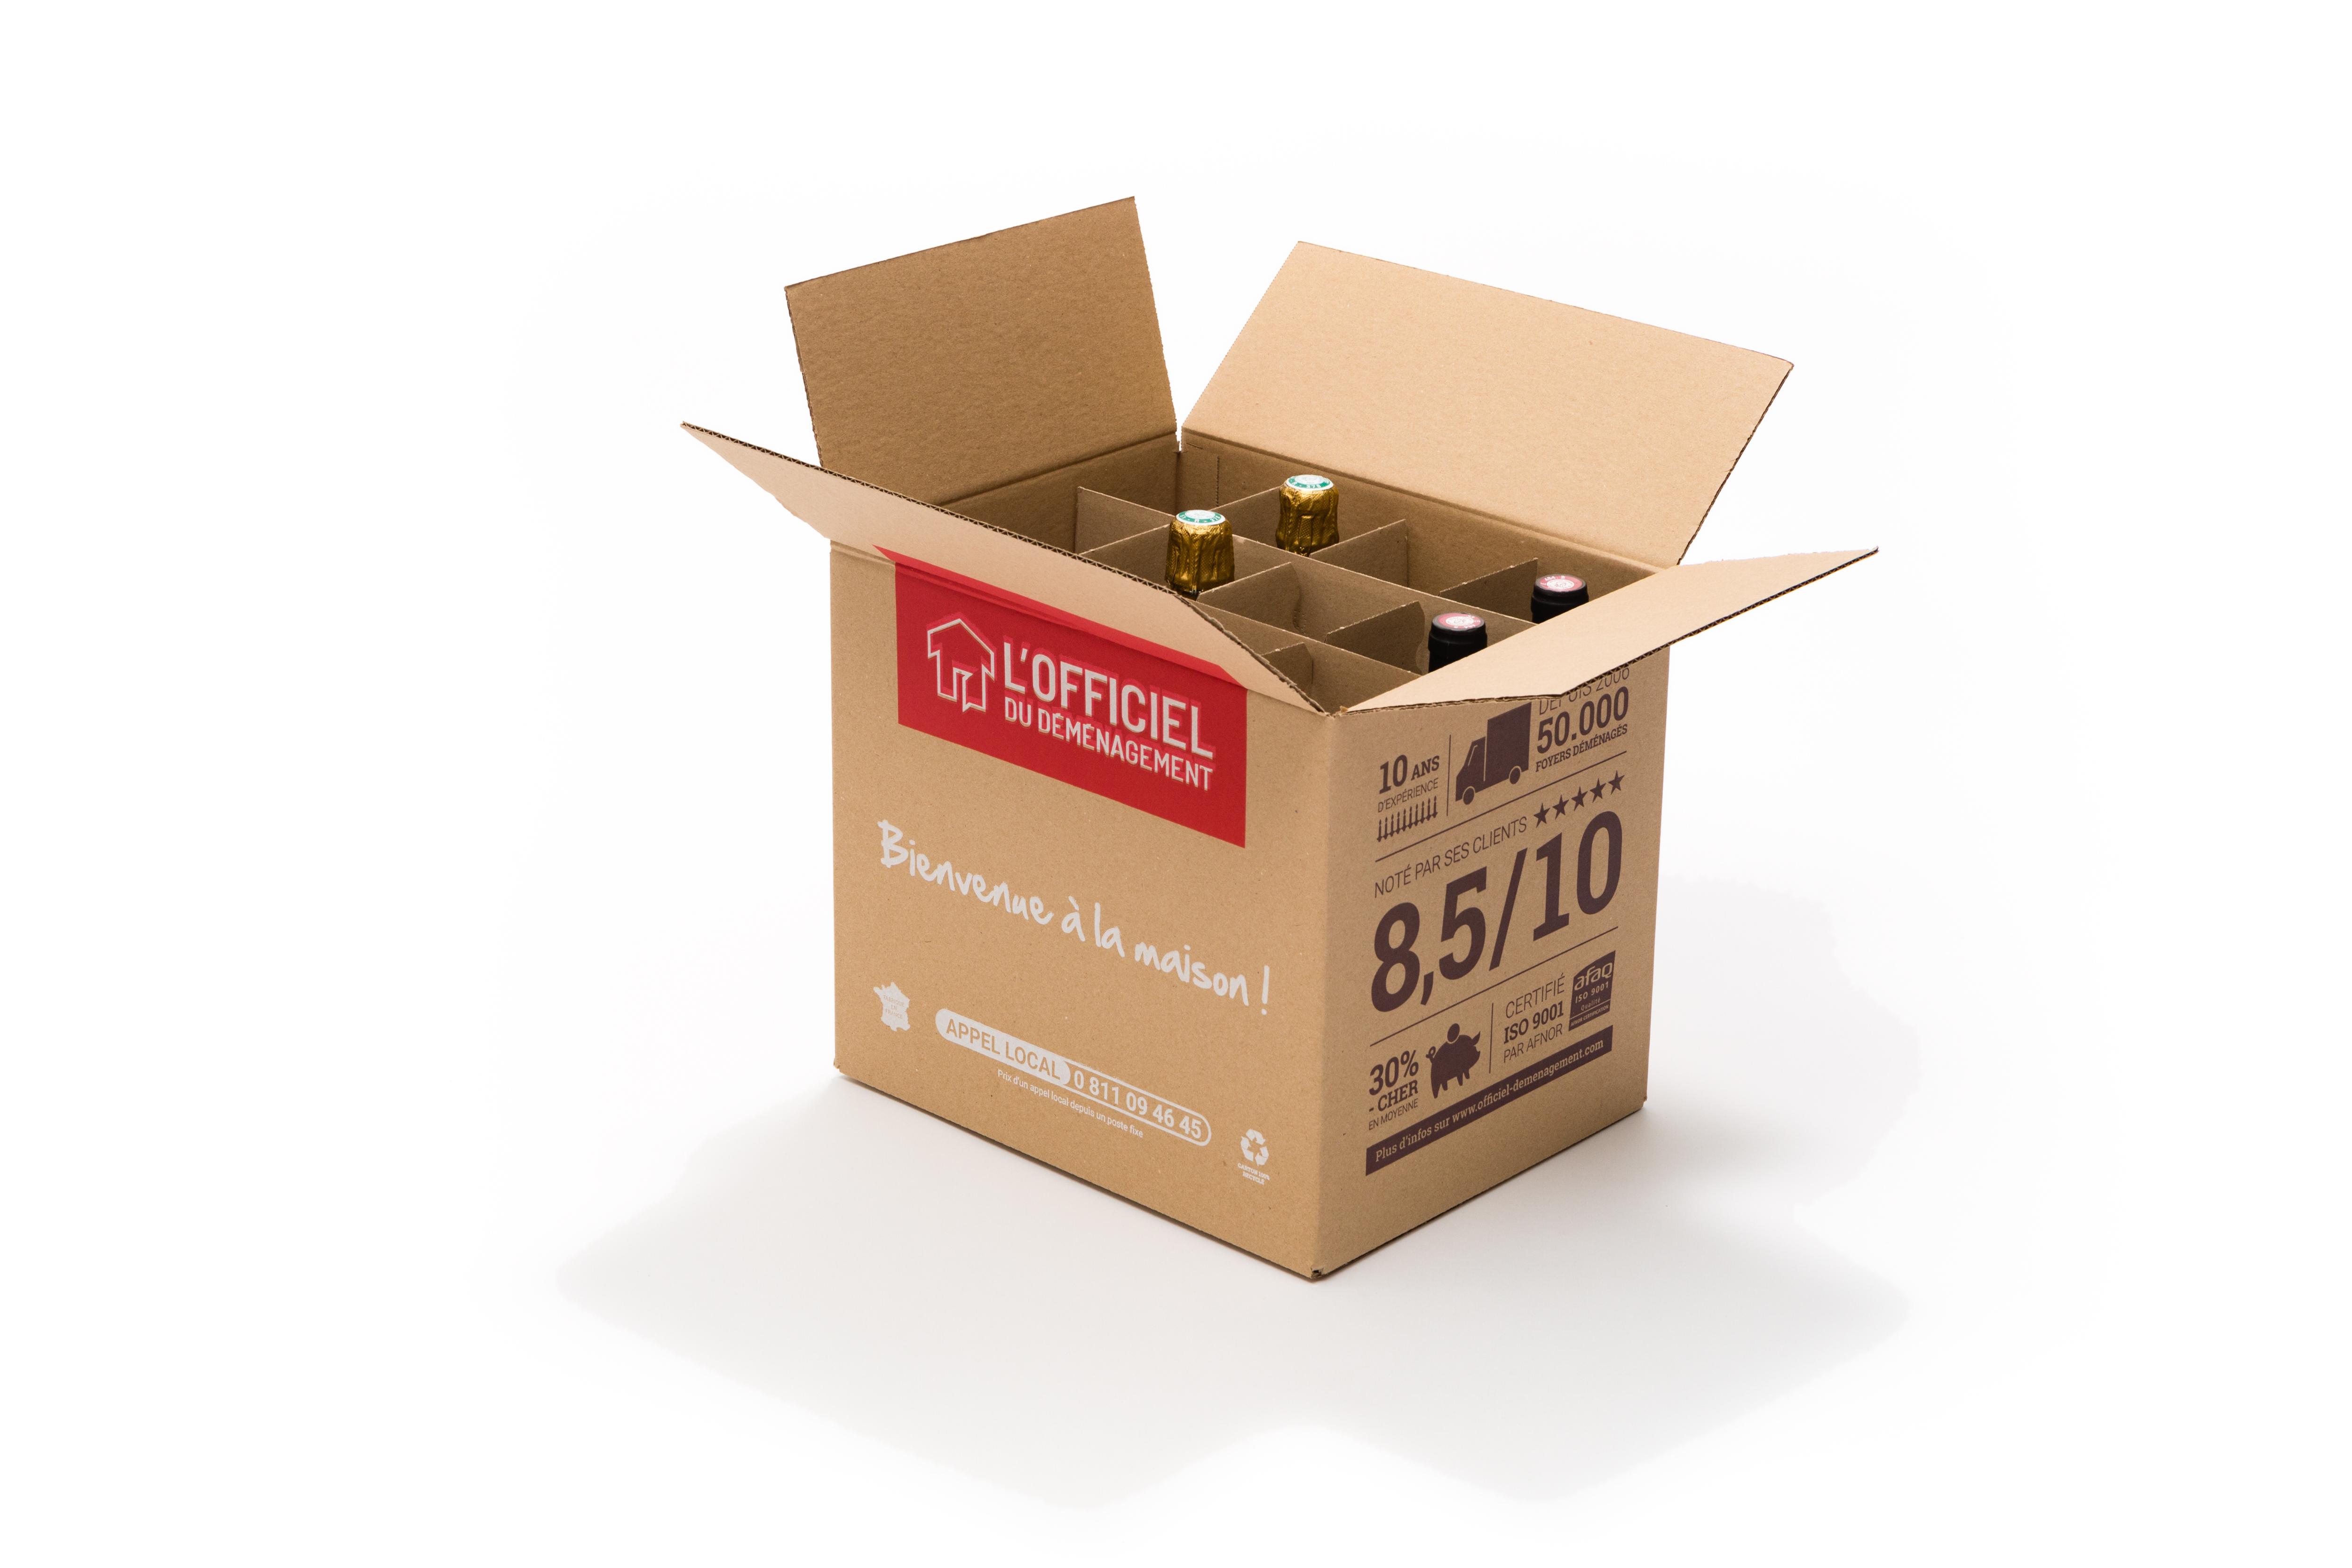 Carton bouteille Officiel du déménagement